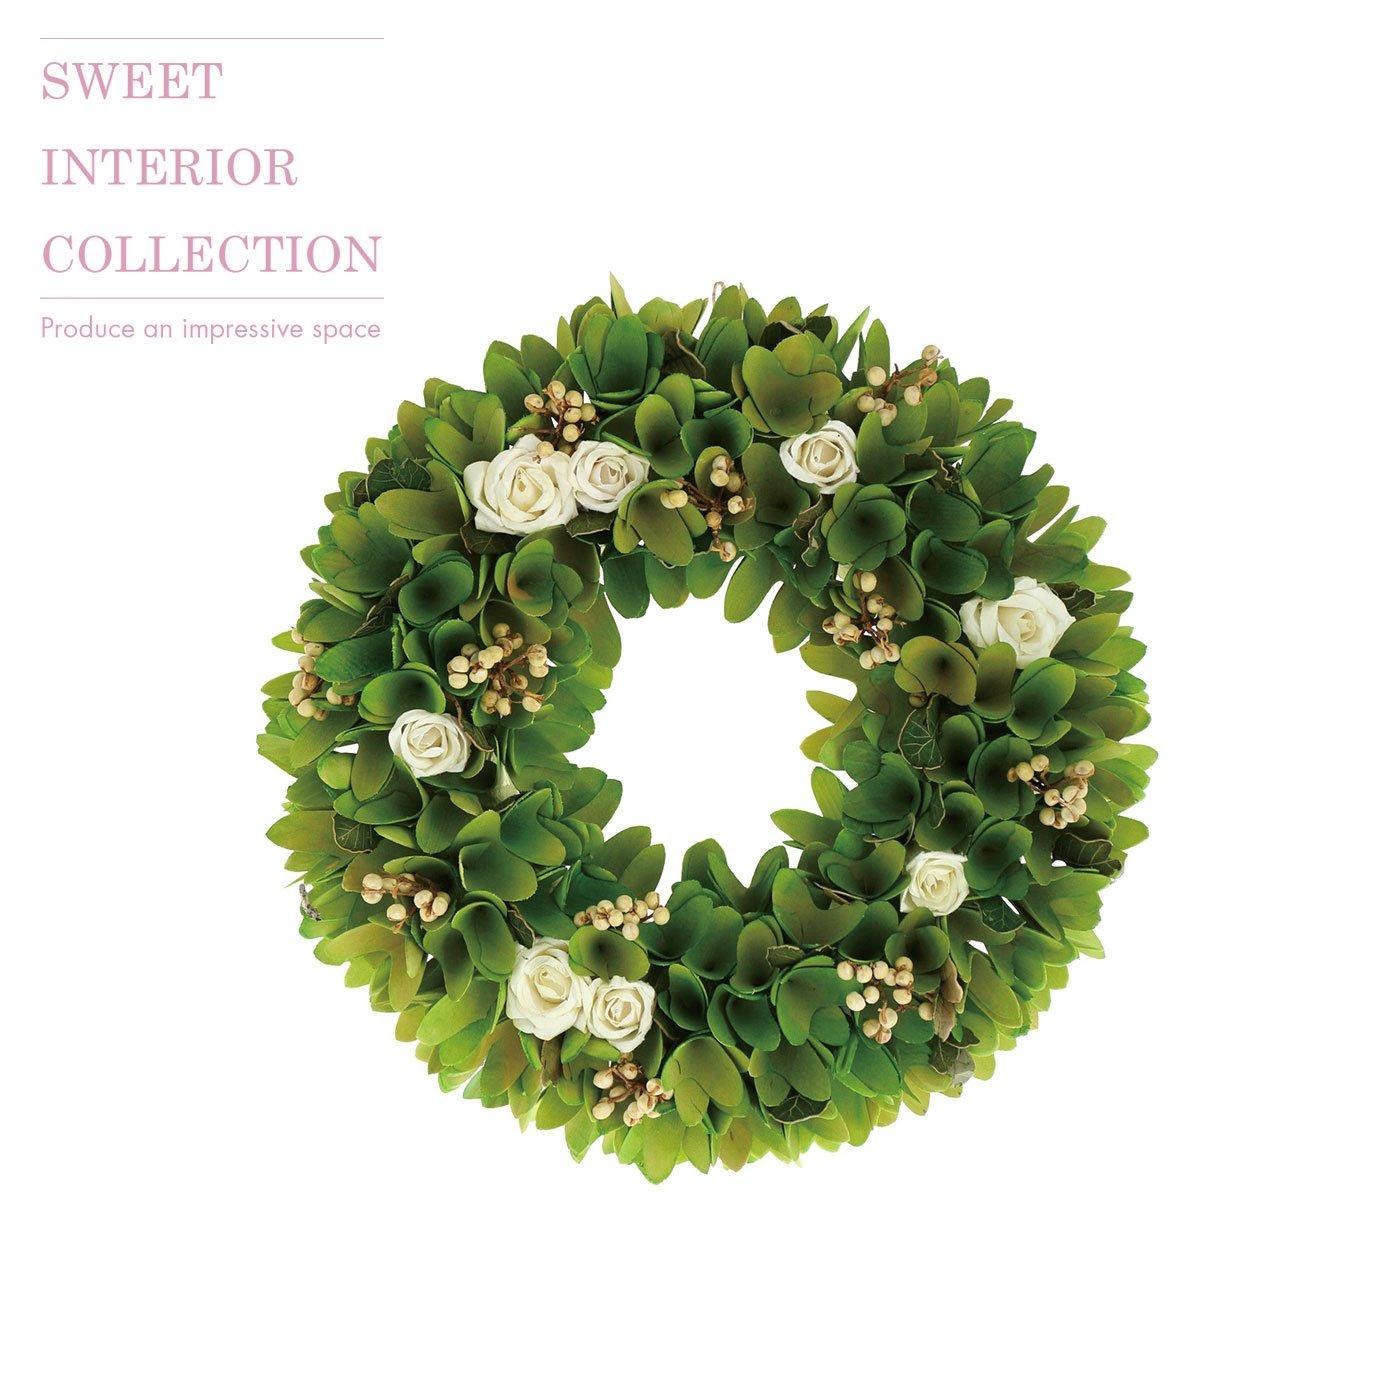 緑の葉っぱと白いバラがかわいい大人のインテリアリース